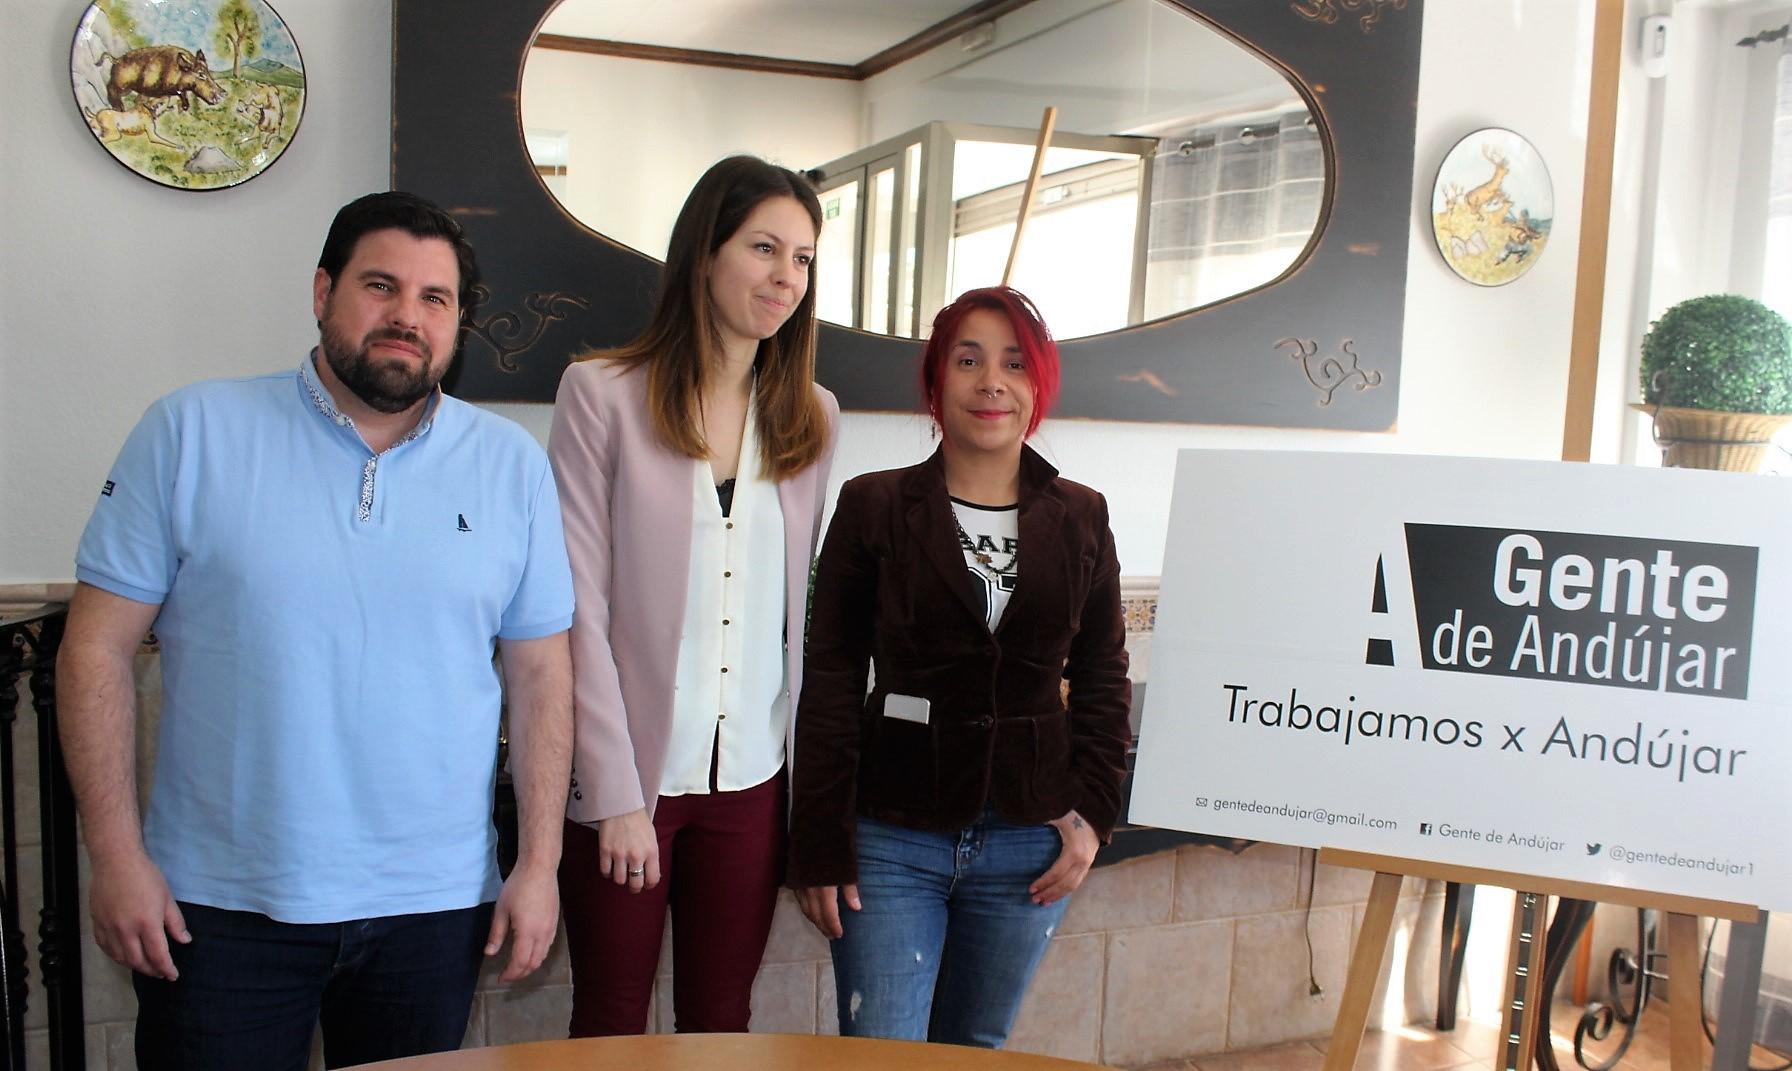 Nace la plataforma ciudadana Gente de Andújar con la idea de poner a la ciudad «en el sitio que se merece»